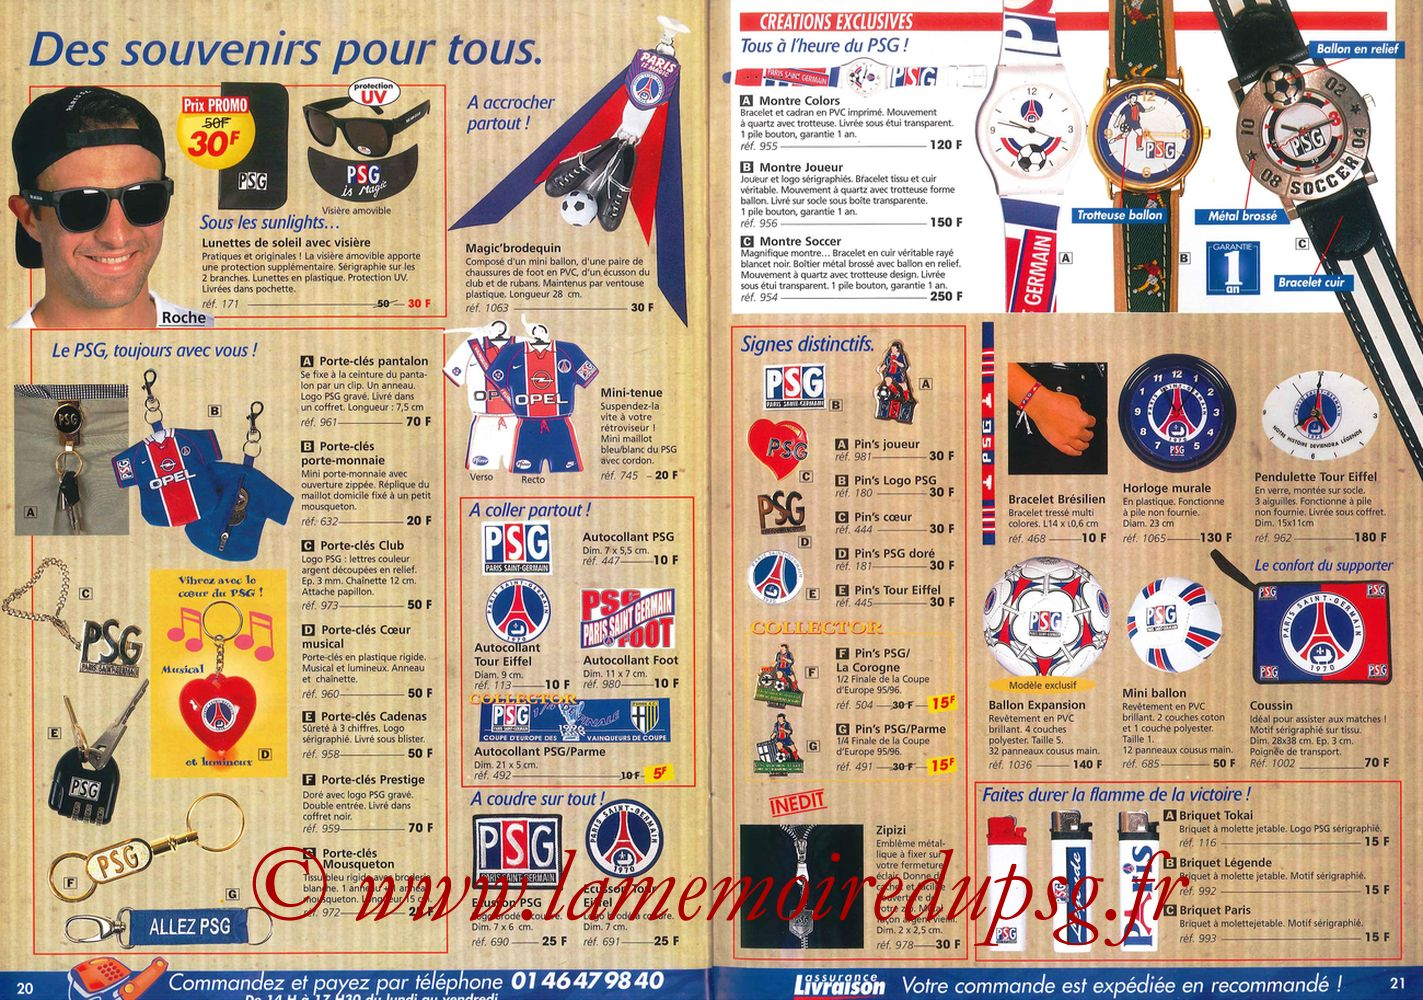 Catalogue PSG - 1997-98 - Pages 20 et 21